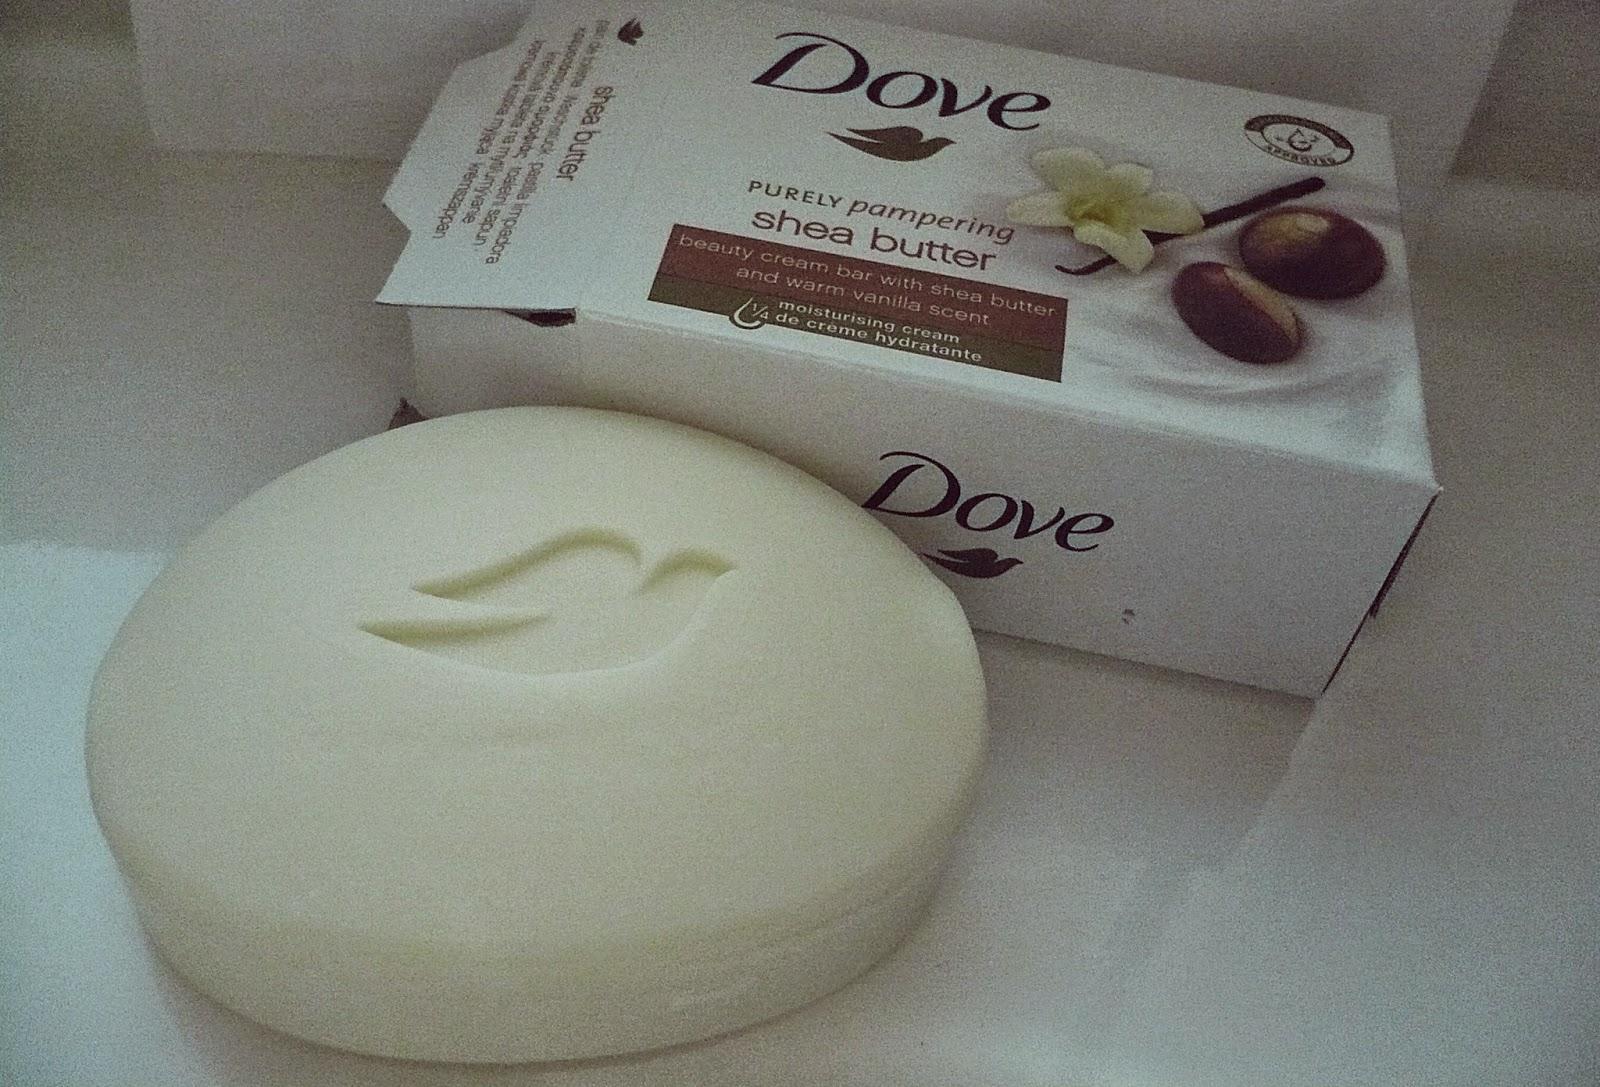 Kostka myjąca Dove - moje odkrycie!